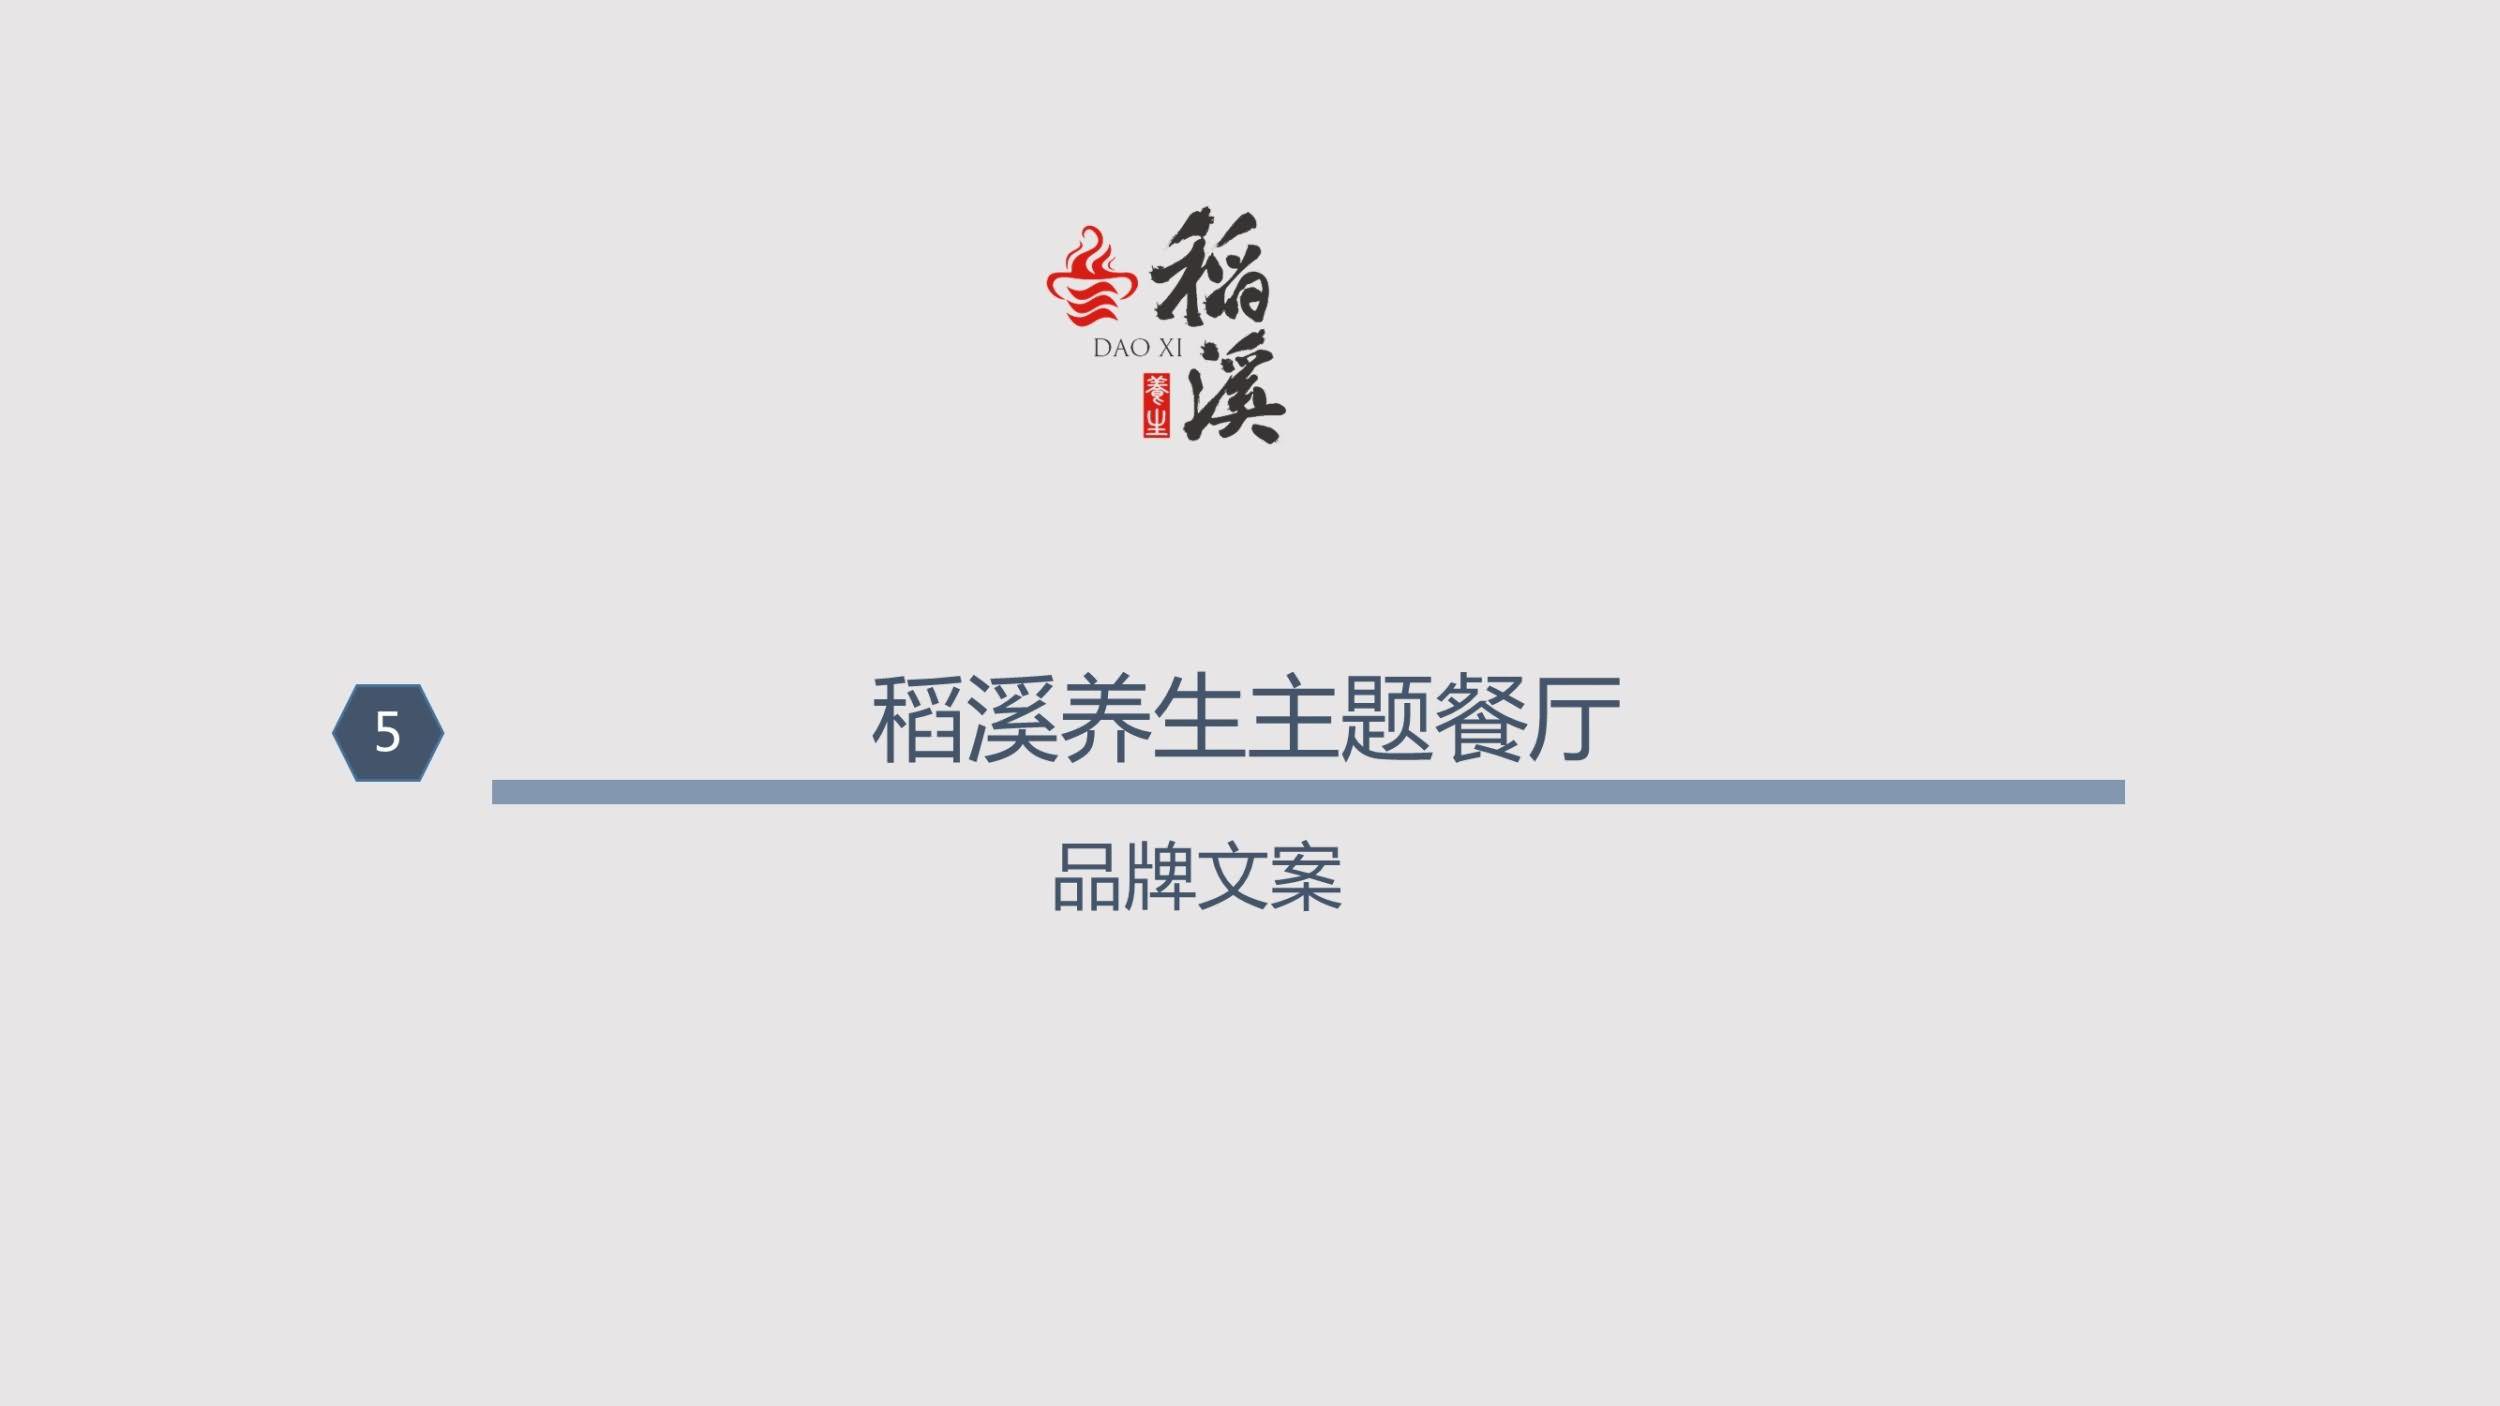 香港乐源餐饮集团有限公司22